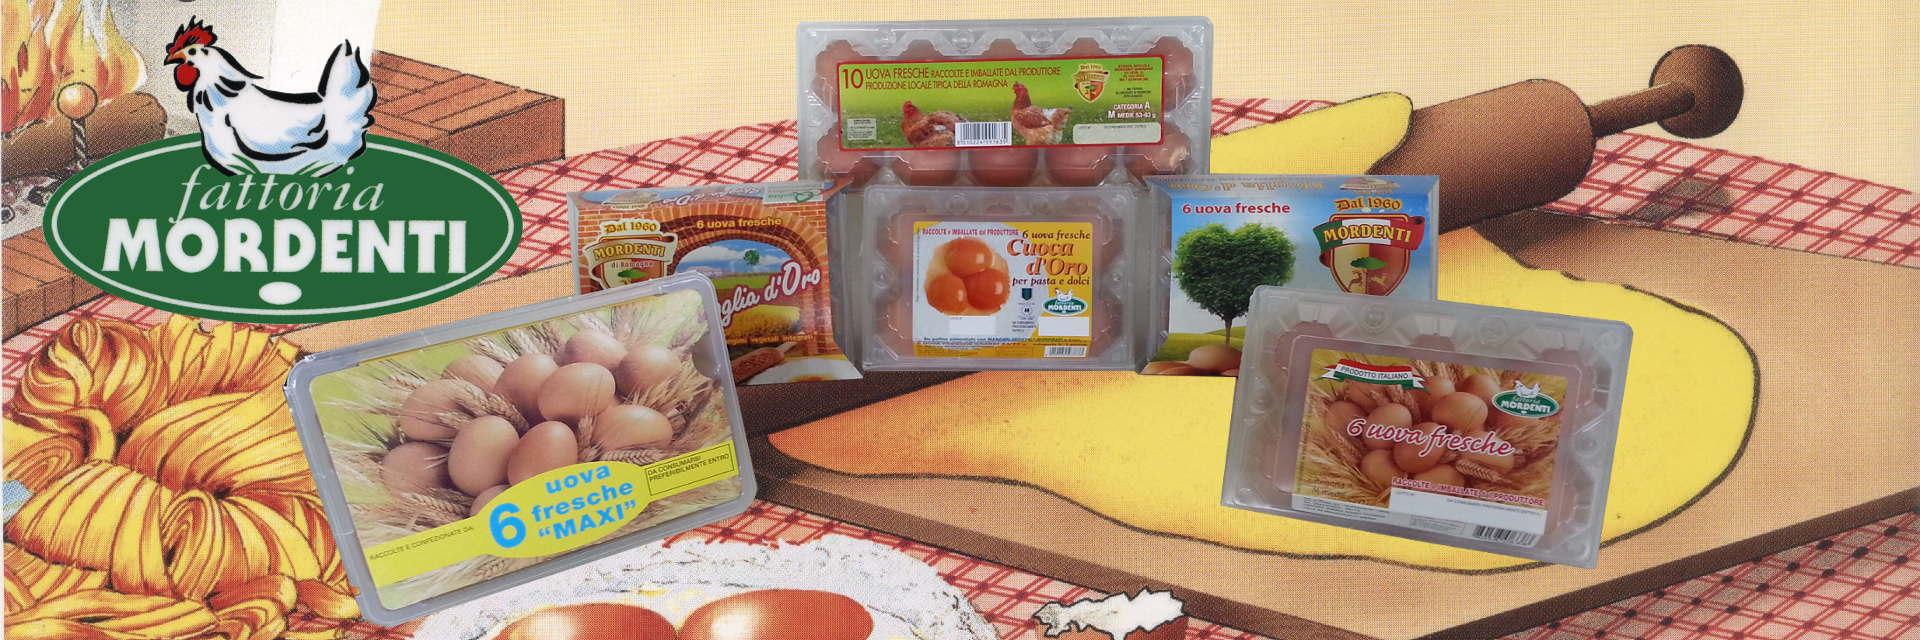 Uova speciali per la pasta e per i dolci